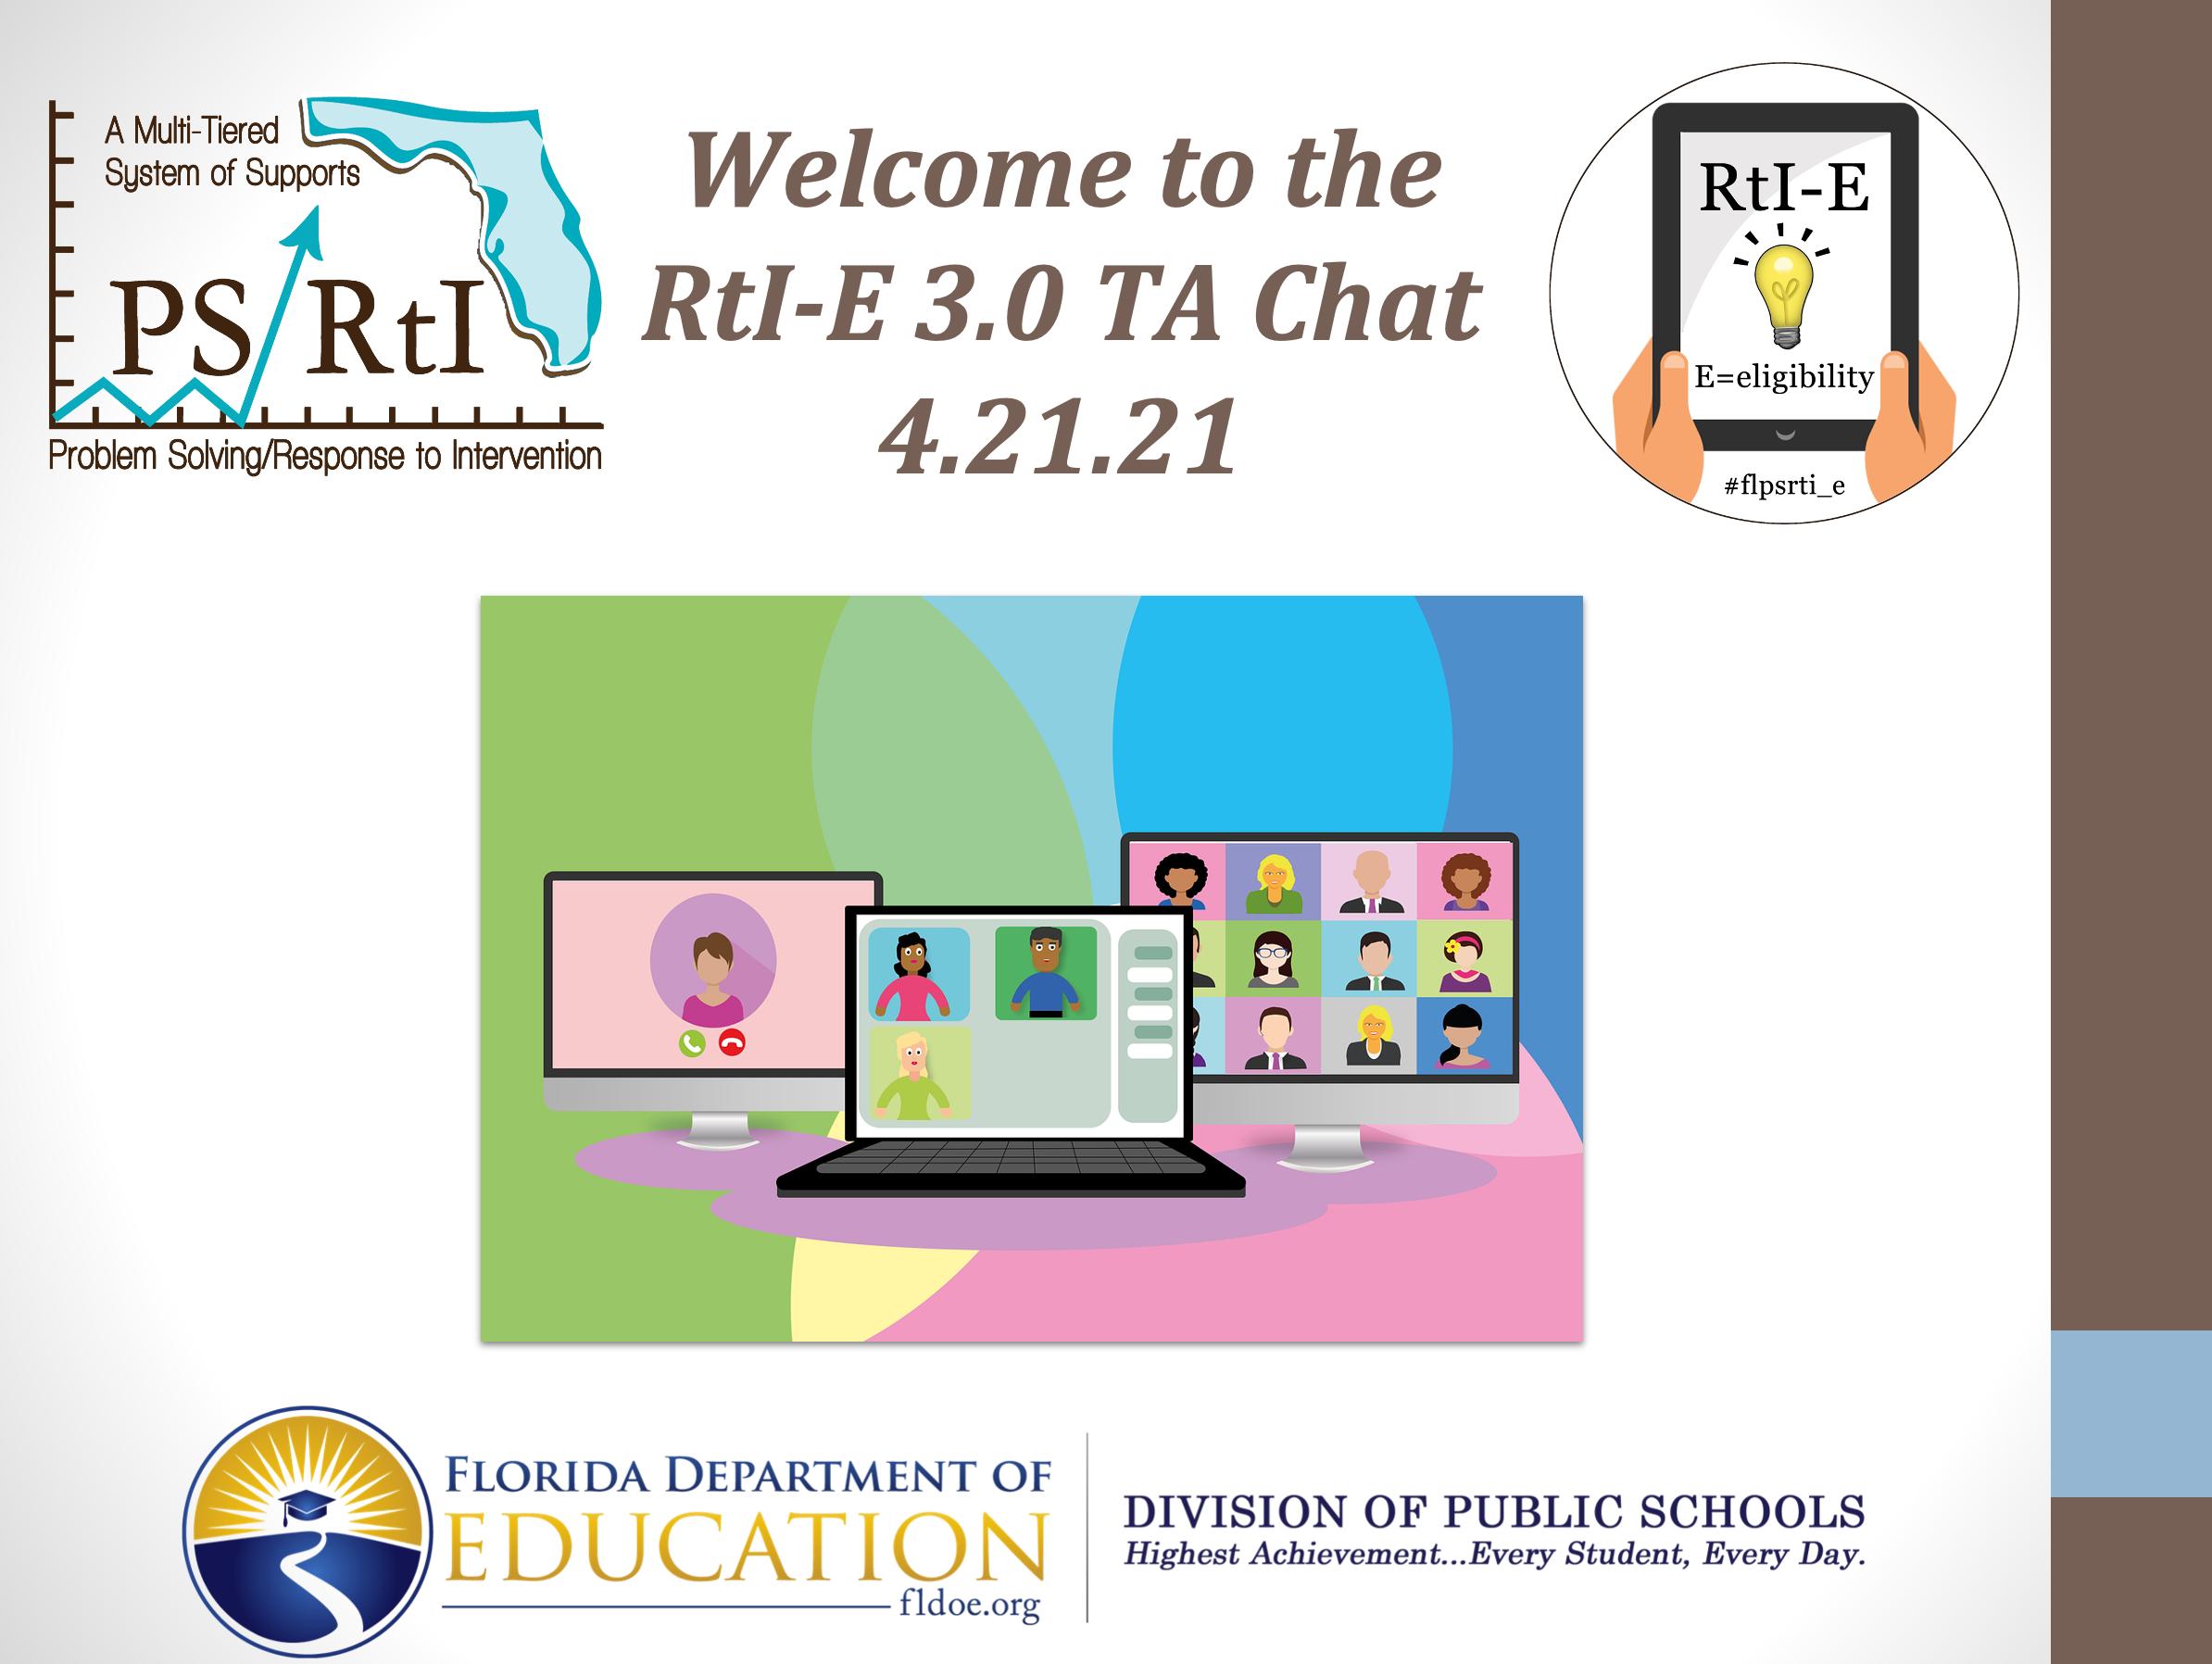 RtI-E 3.0 TA Chat (4.21.21)